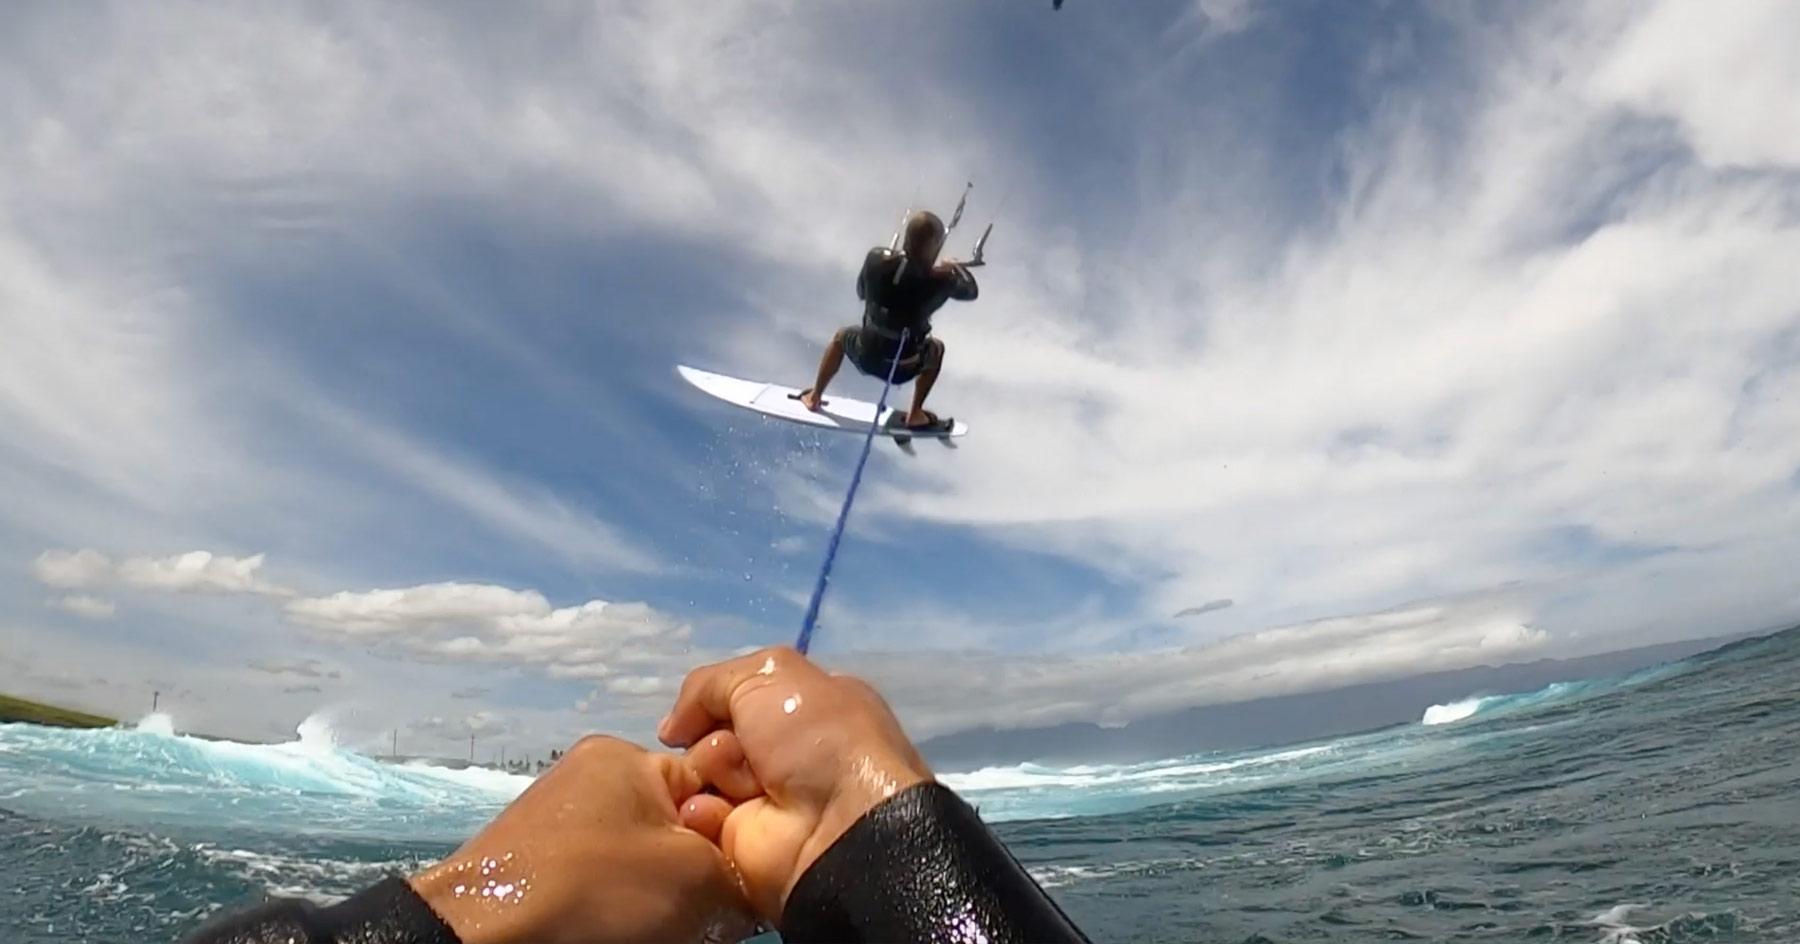 Fun en Surfkite et foil avec Kai Lenny et Jesse Richman dans les vagues de Maui